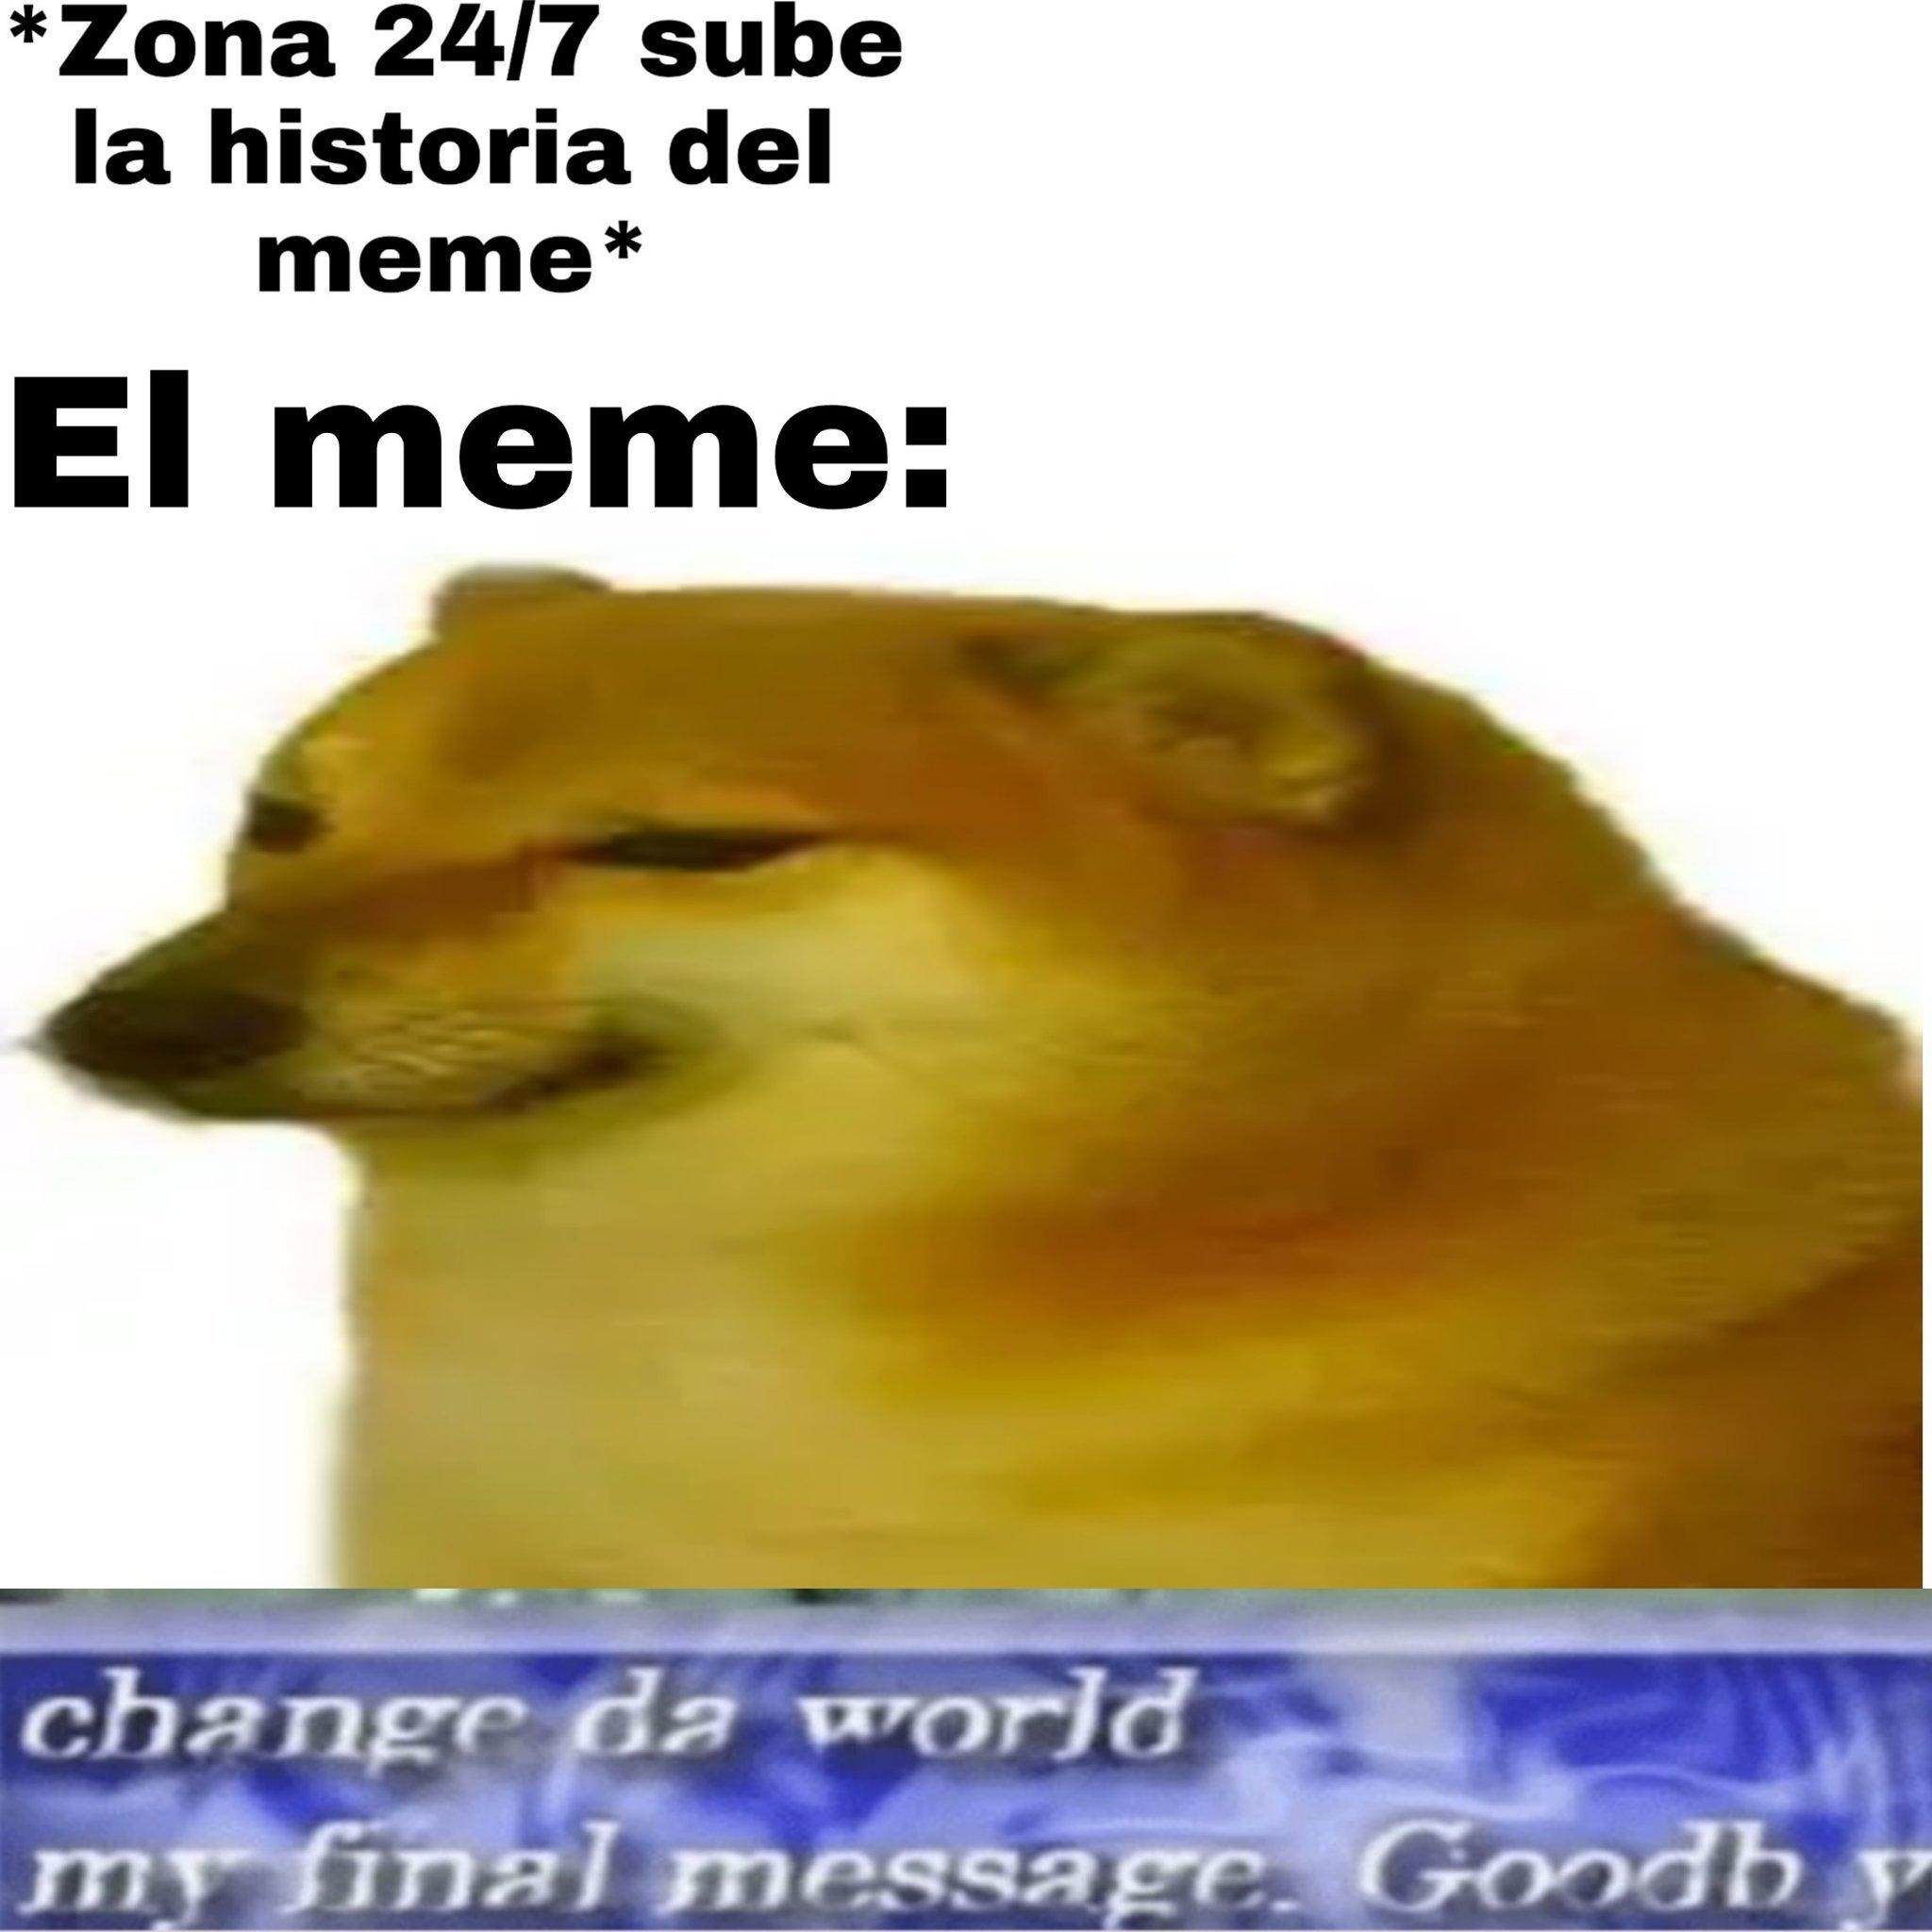 Maldito zona 24 7 - meme